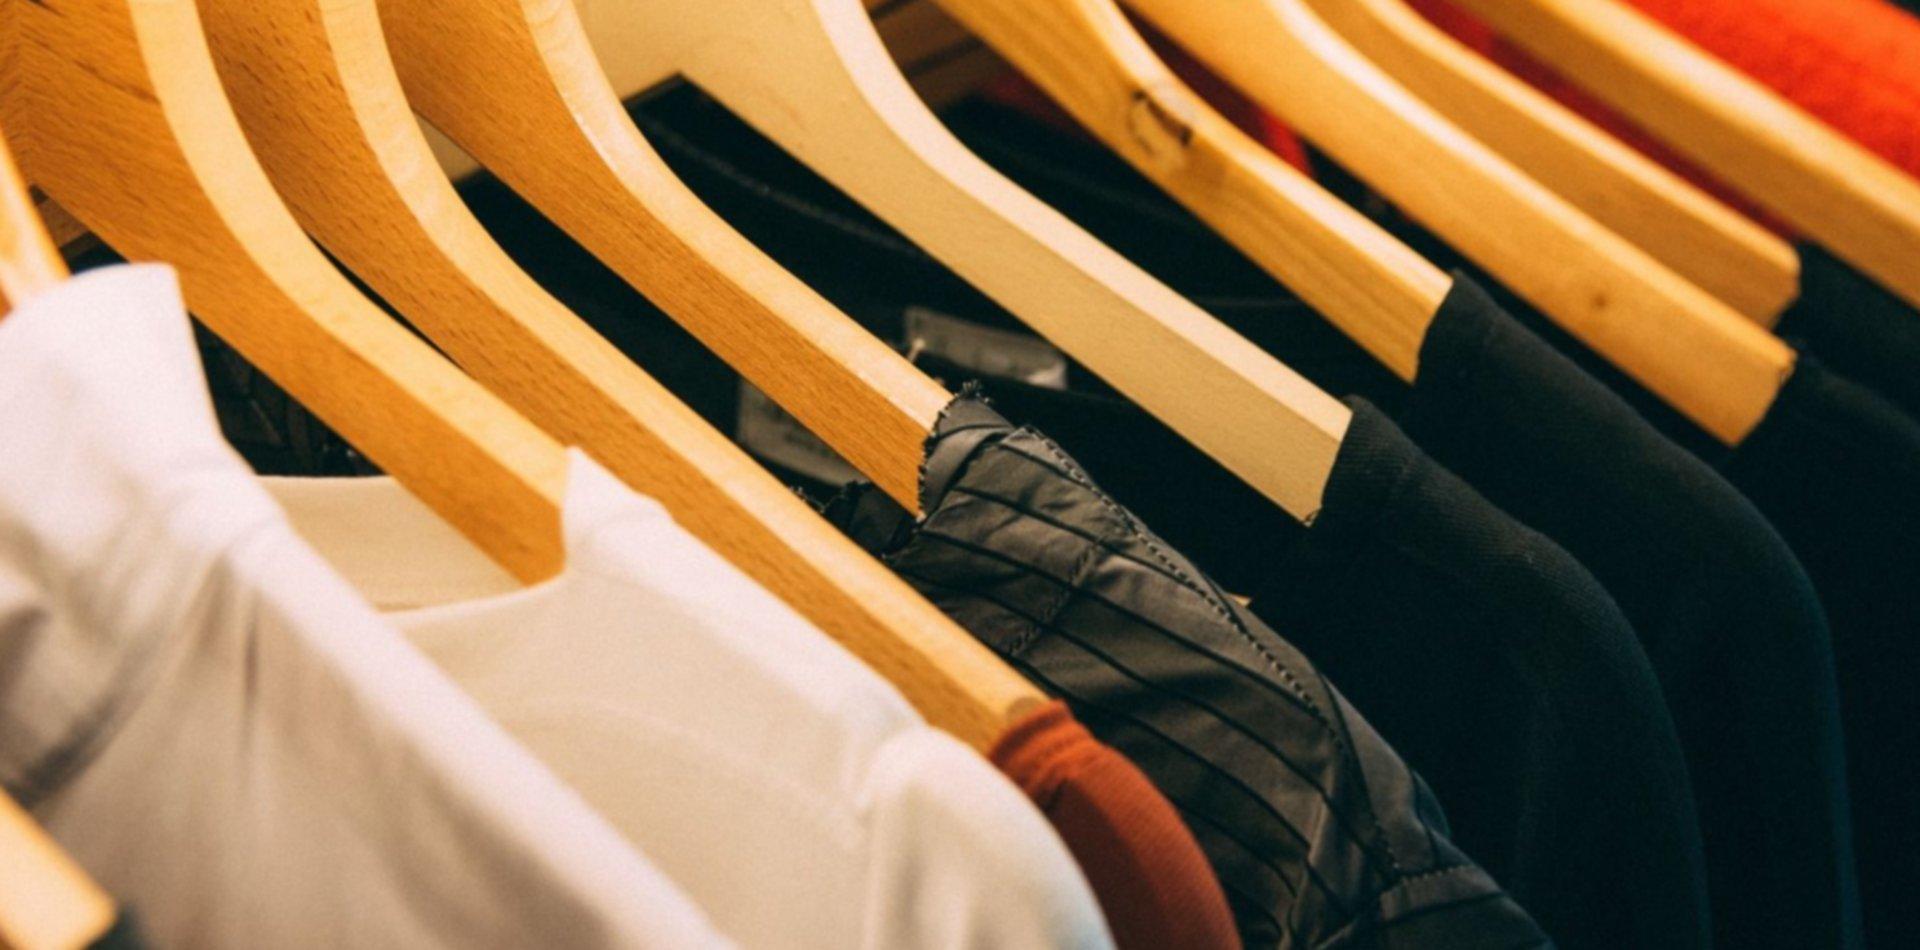 """""""Vas a reventar la remera"""": la grave denuncia de discriminación contra un local de ropa"""